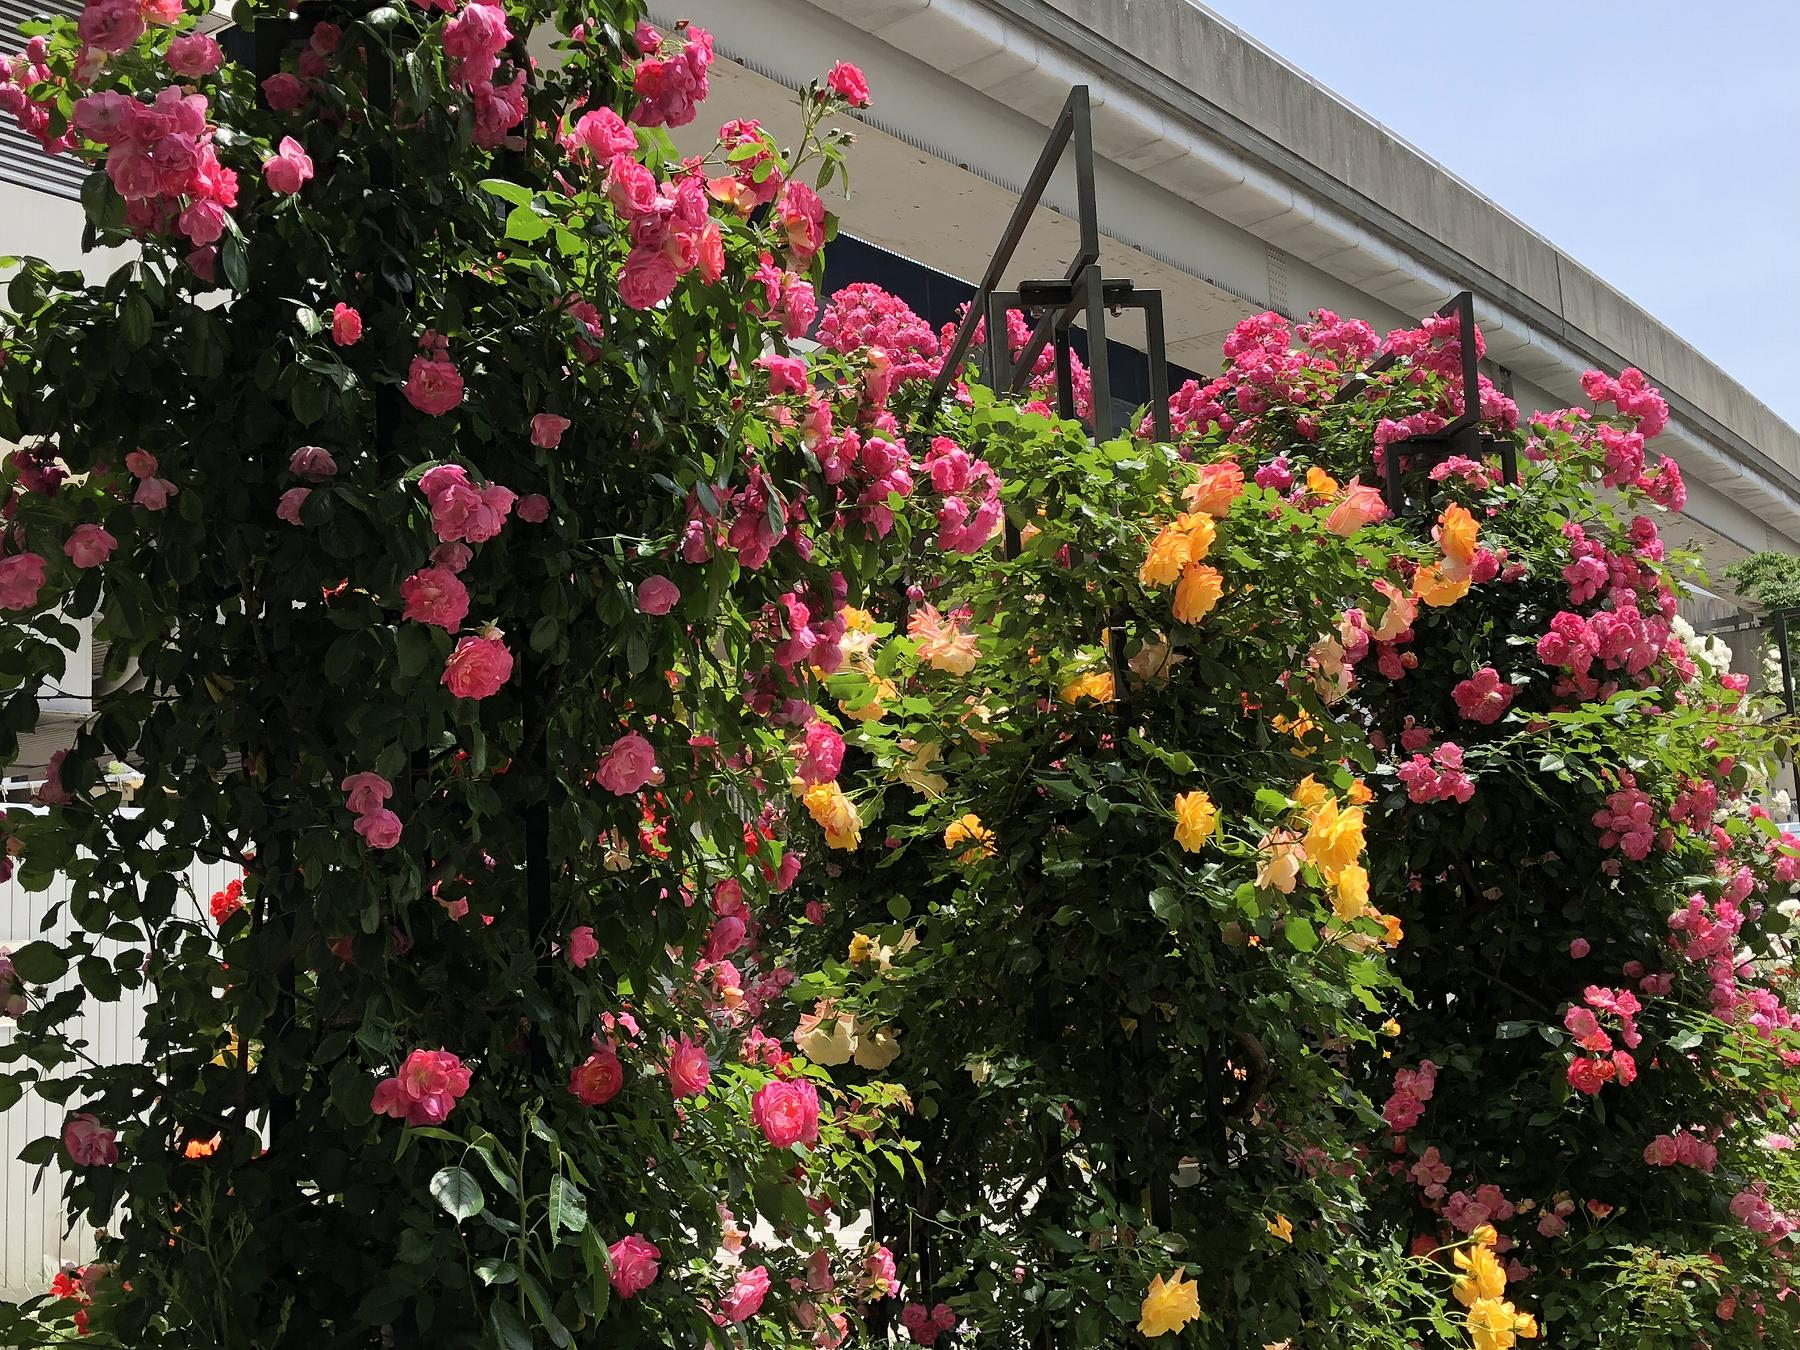 「第7回六甲アイランドバラ祭」がRIC ROSE GARDENで5/27(日)まで開催中!バラを堪能してきた♪ #六甲アイランドバラ祭り #東灘区